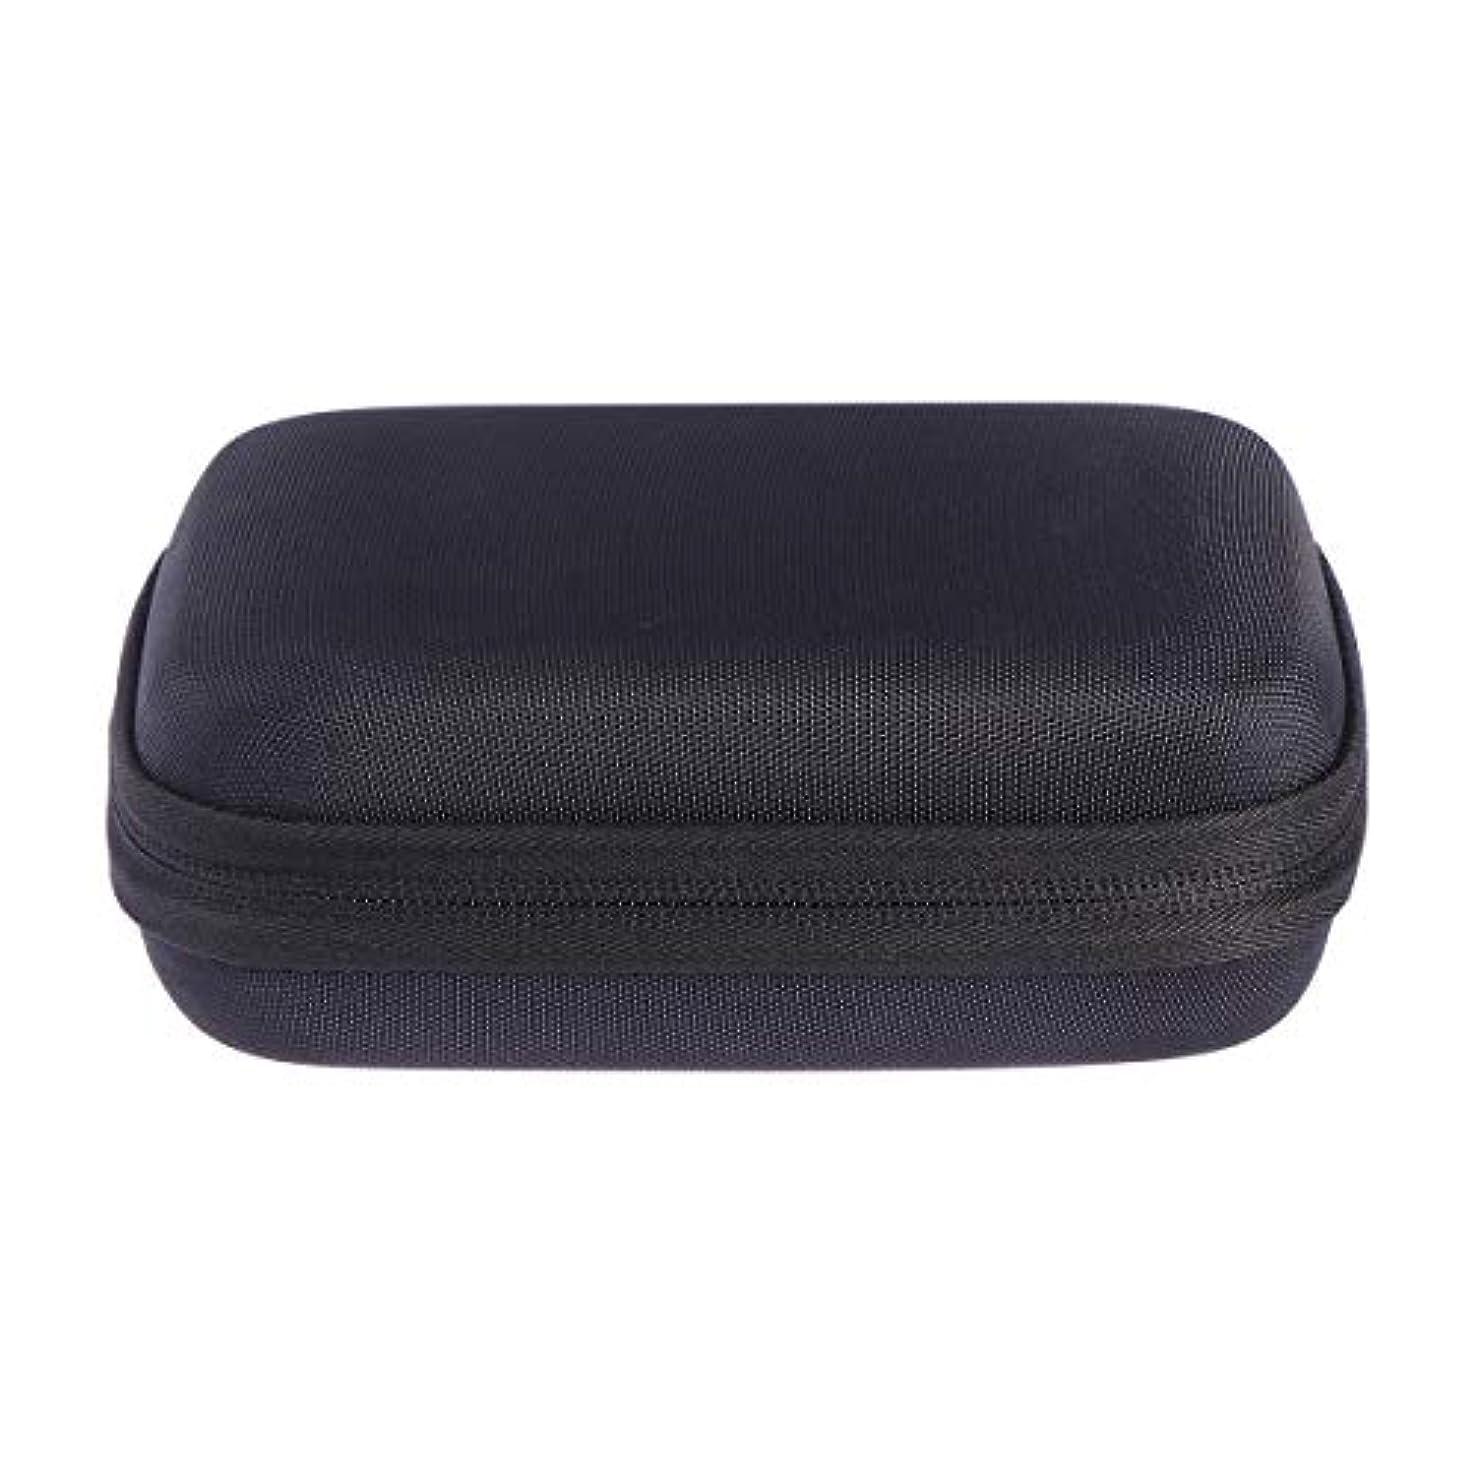 公平なシェフベットSUPVOX エッセンシャルオイルバッグキャリングケースオーガナイザーローラーボトル収納袋10スロットハードシェルオイルケースホルダー(ブラック)